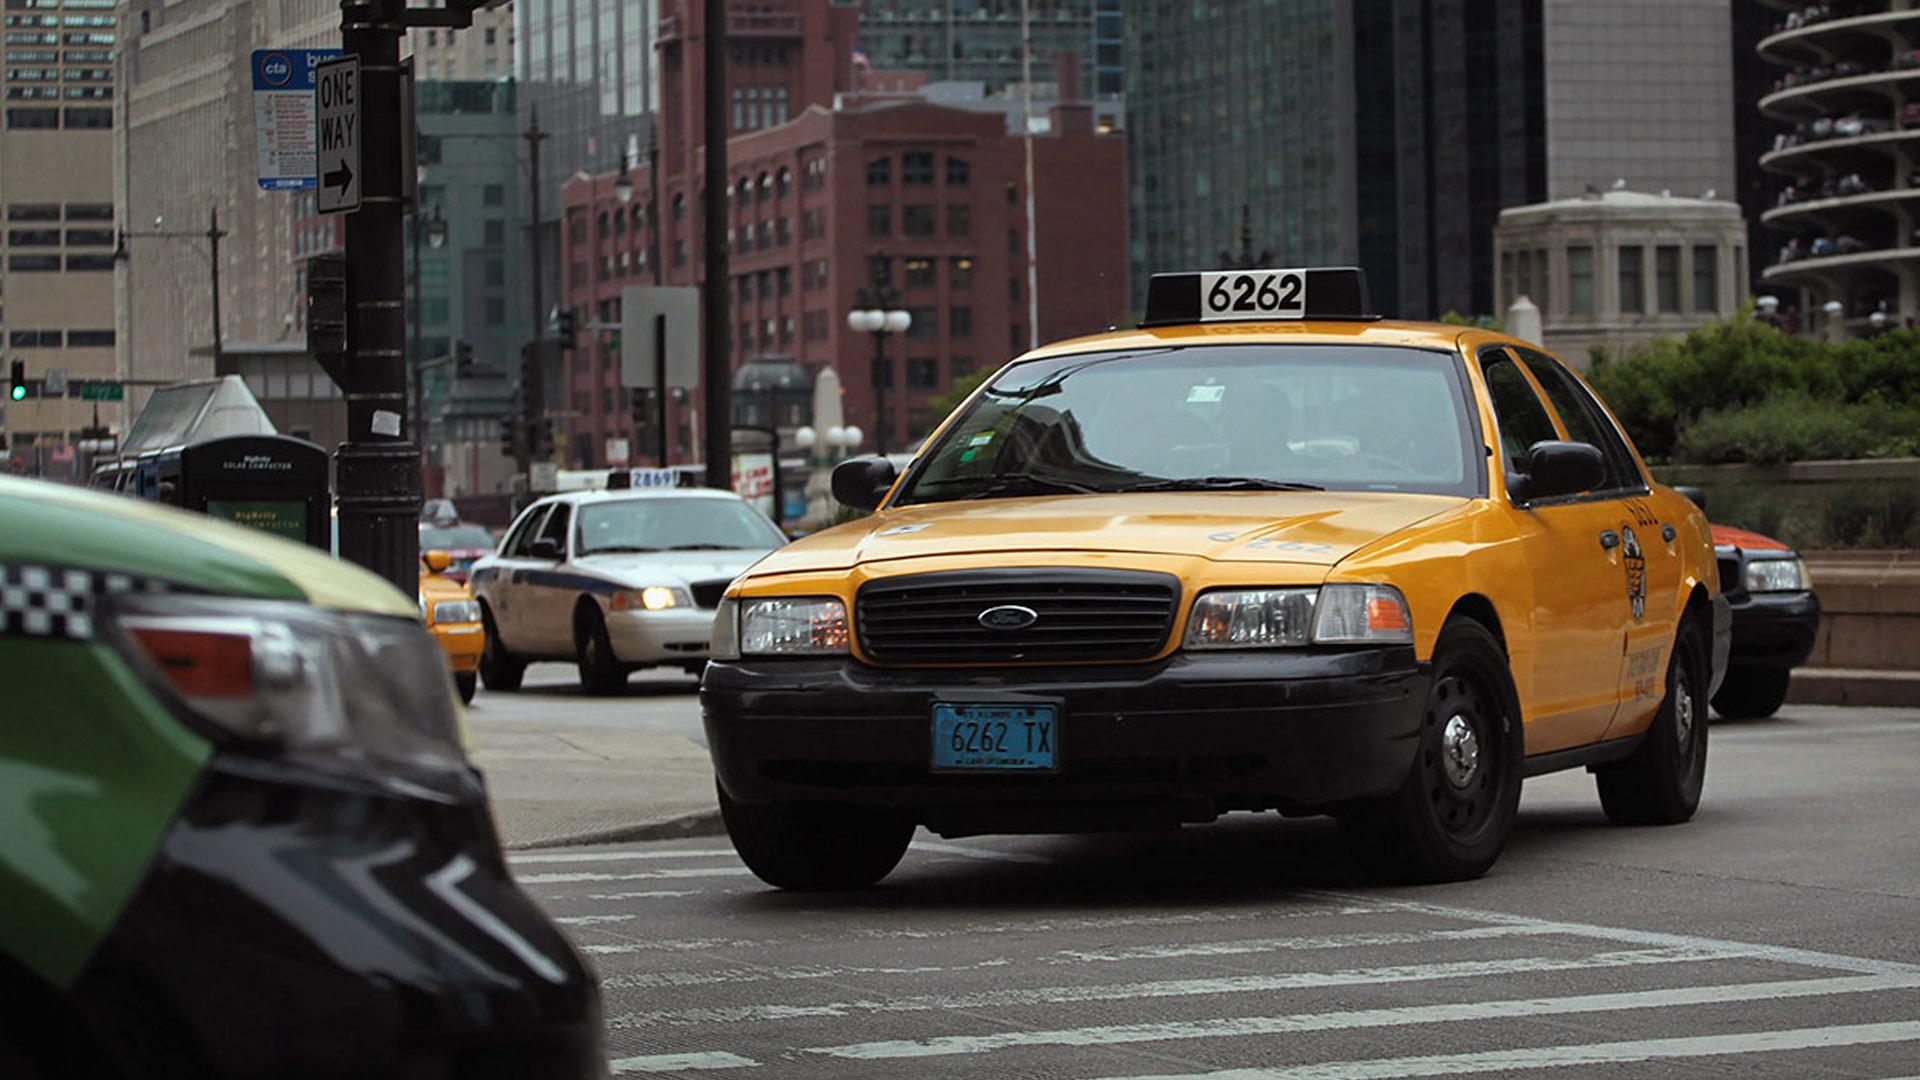 «Дешевле, чем Uber»: обновление такси в Чикаго с помощью нового приложения «Curb»